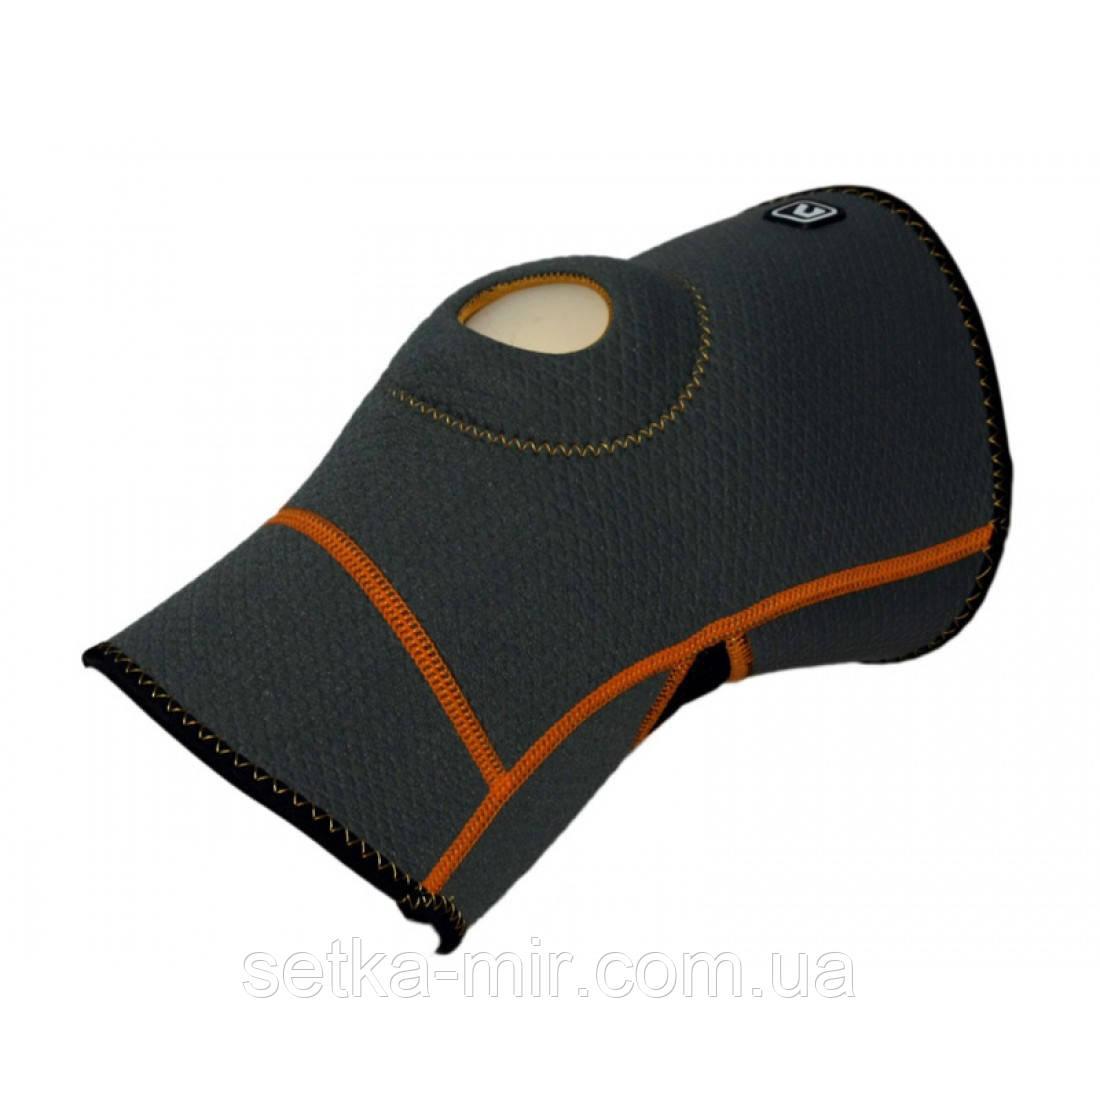 Защита колена LiveUp KNEE SUPPORT (L/XL)